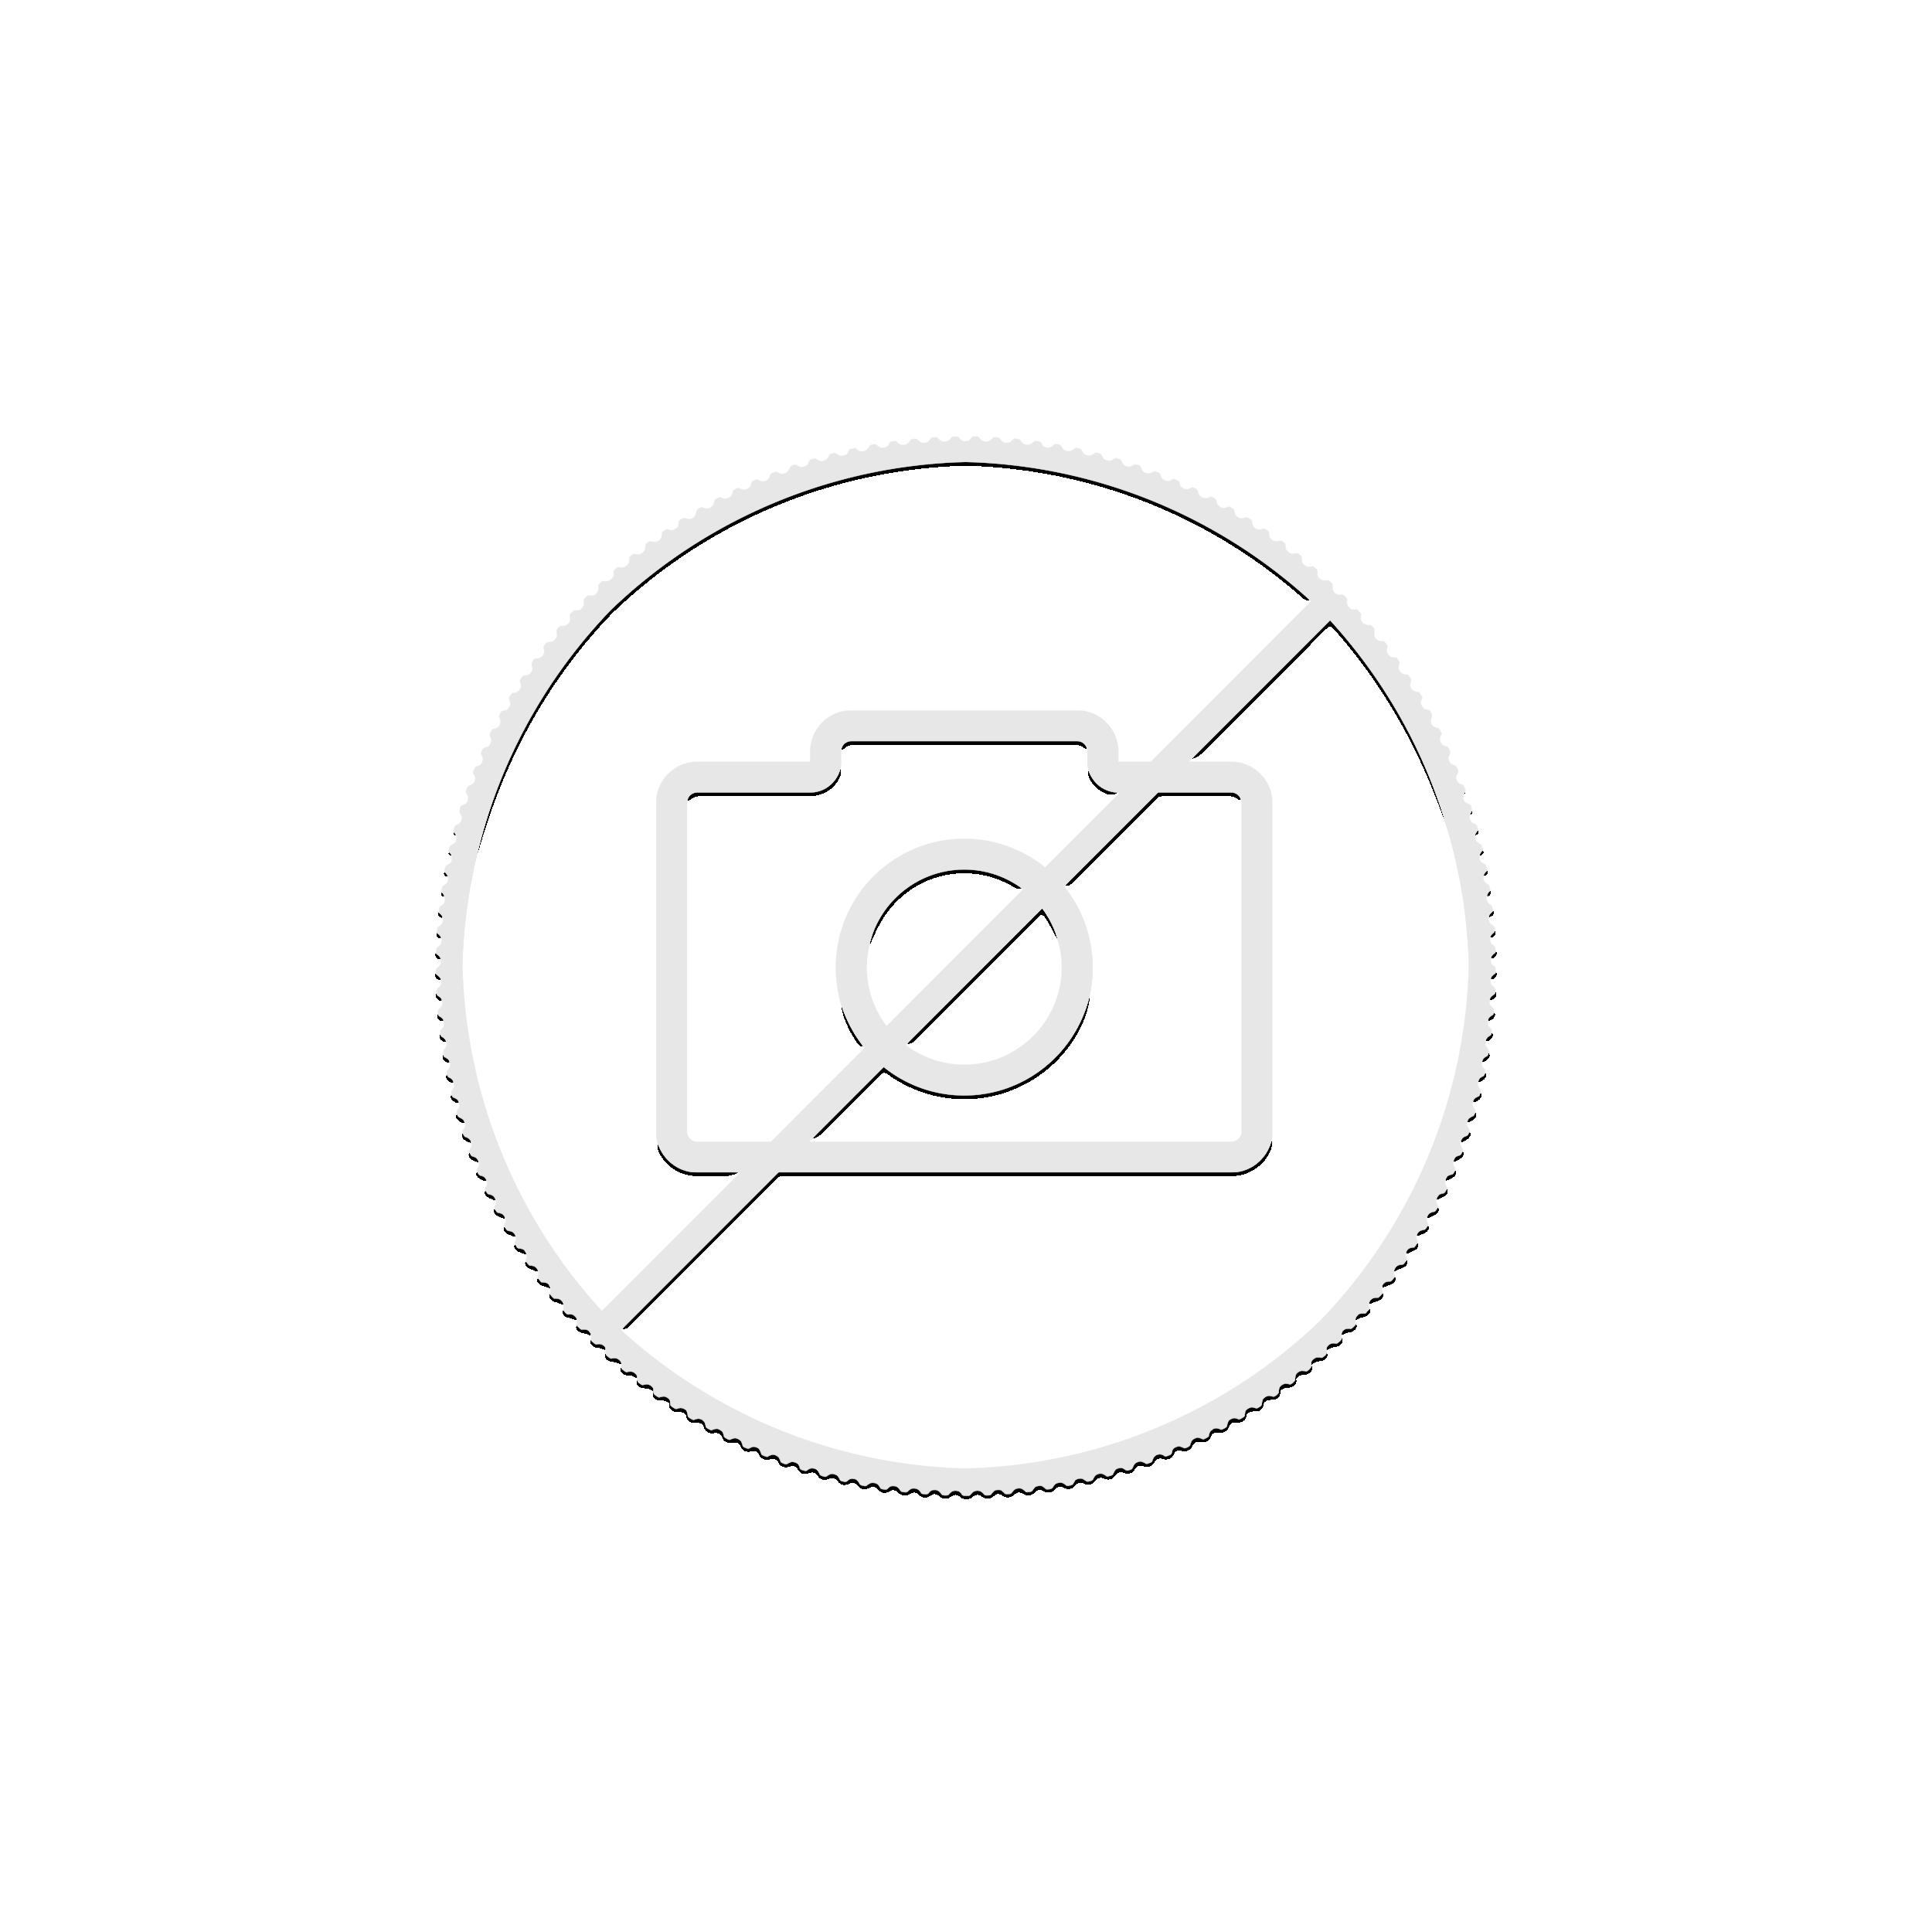 1 Troy ounce silver coin Krugerrand 2020